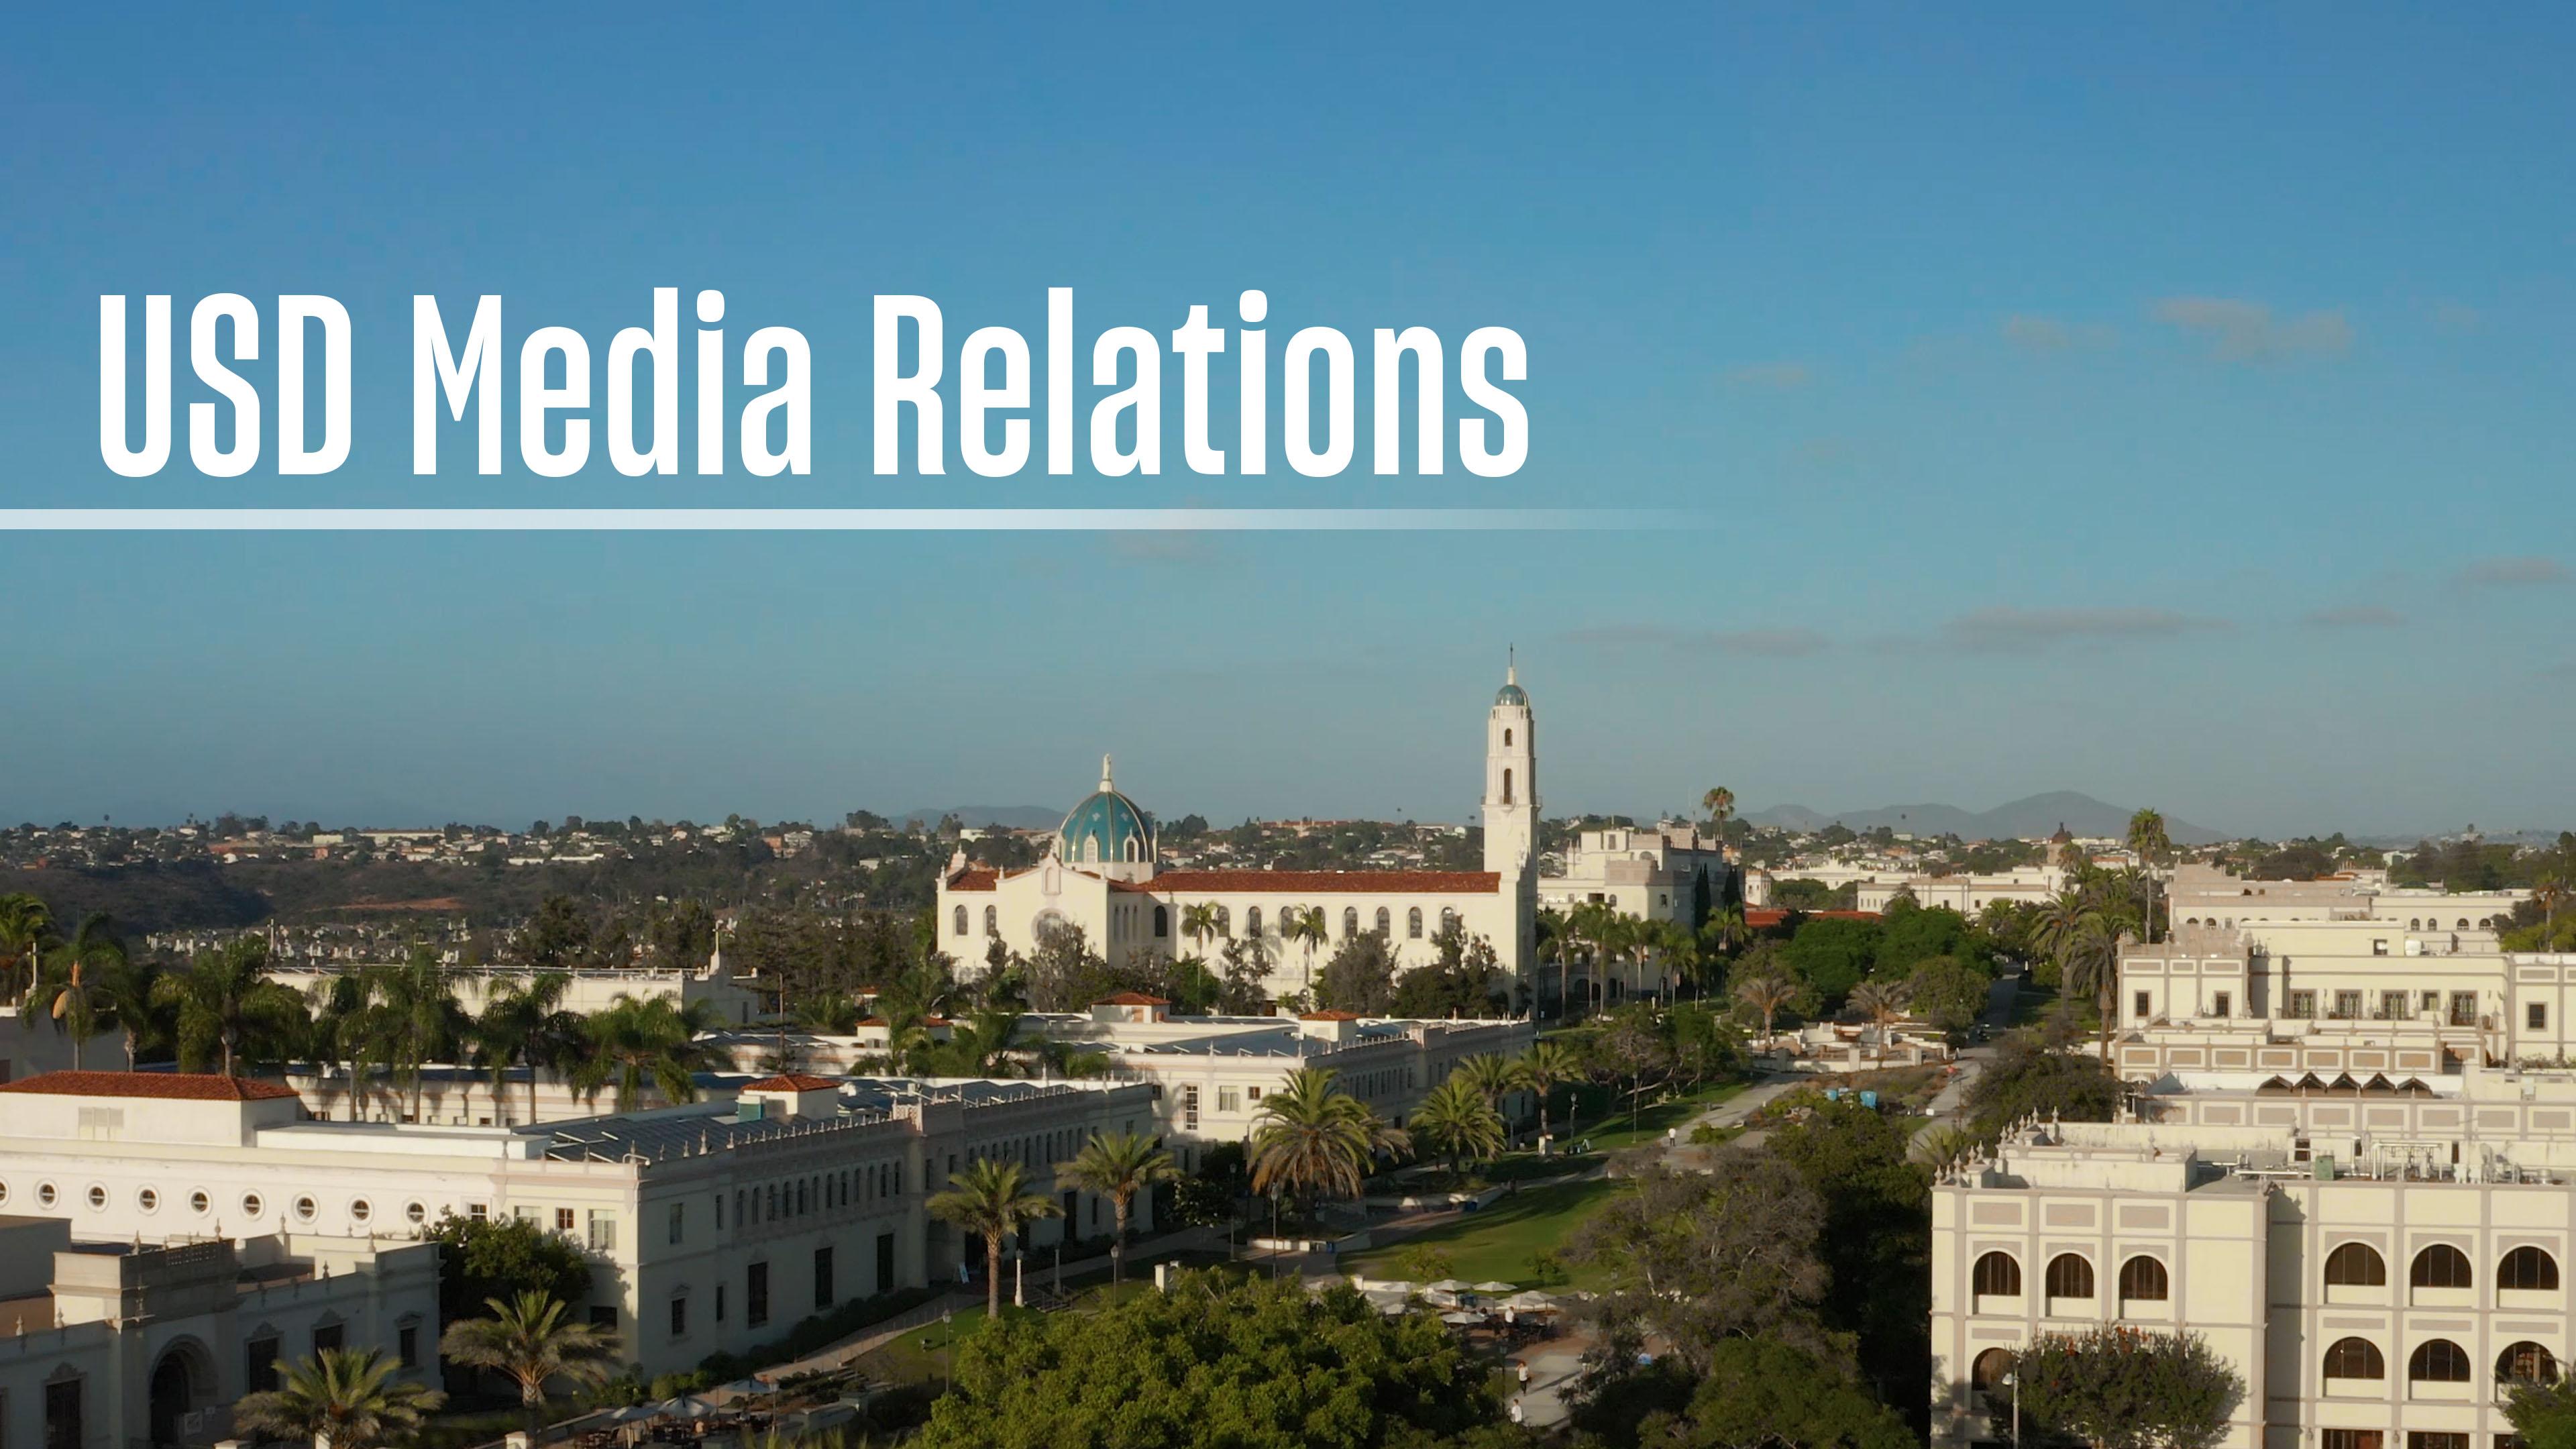 USD Media Relations